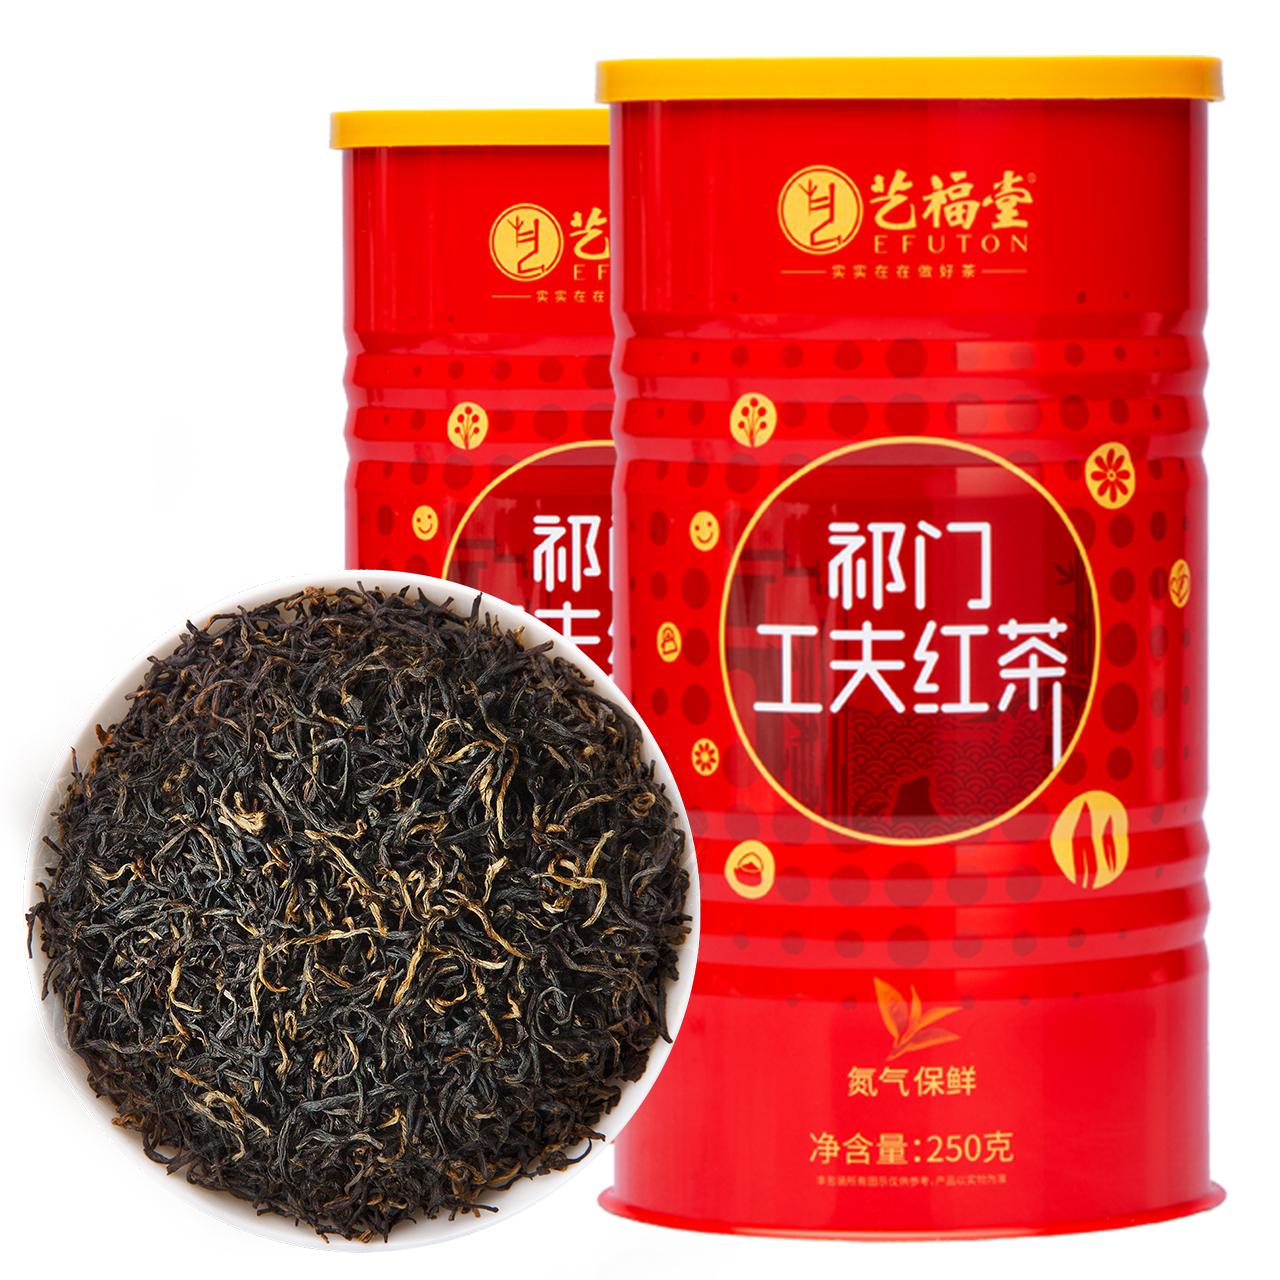 艺福堂茶叶 特级祁门红茶,降价幅度54.5%